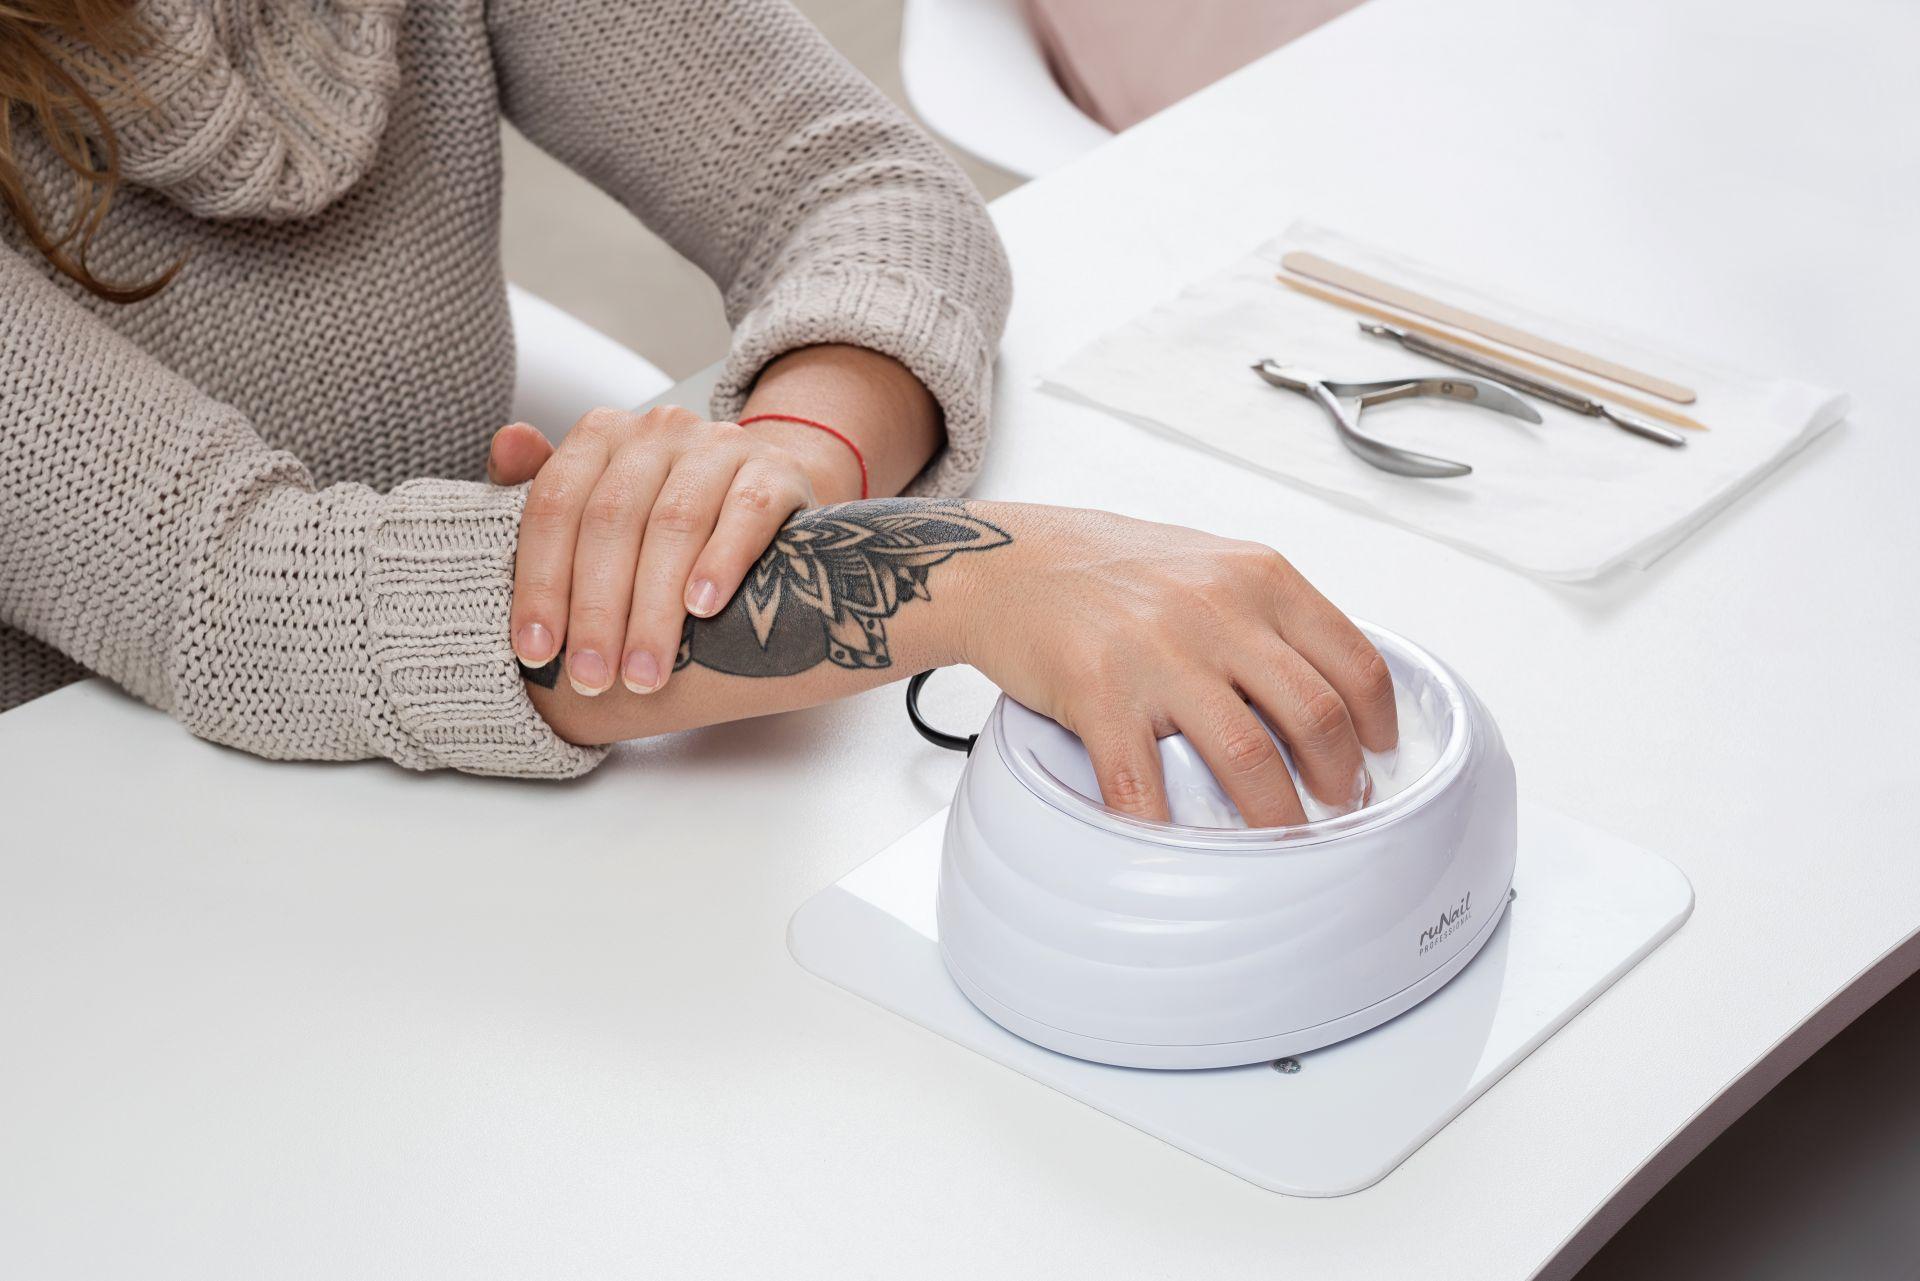 Горячий маникюр – одна из лучших техник по укреплению ногтей и оздоровлению кожи